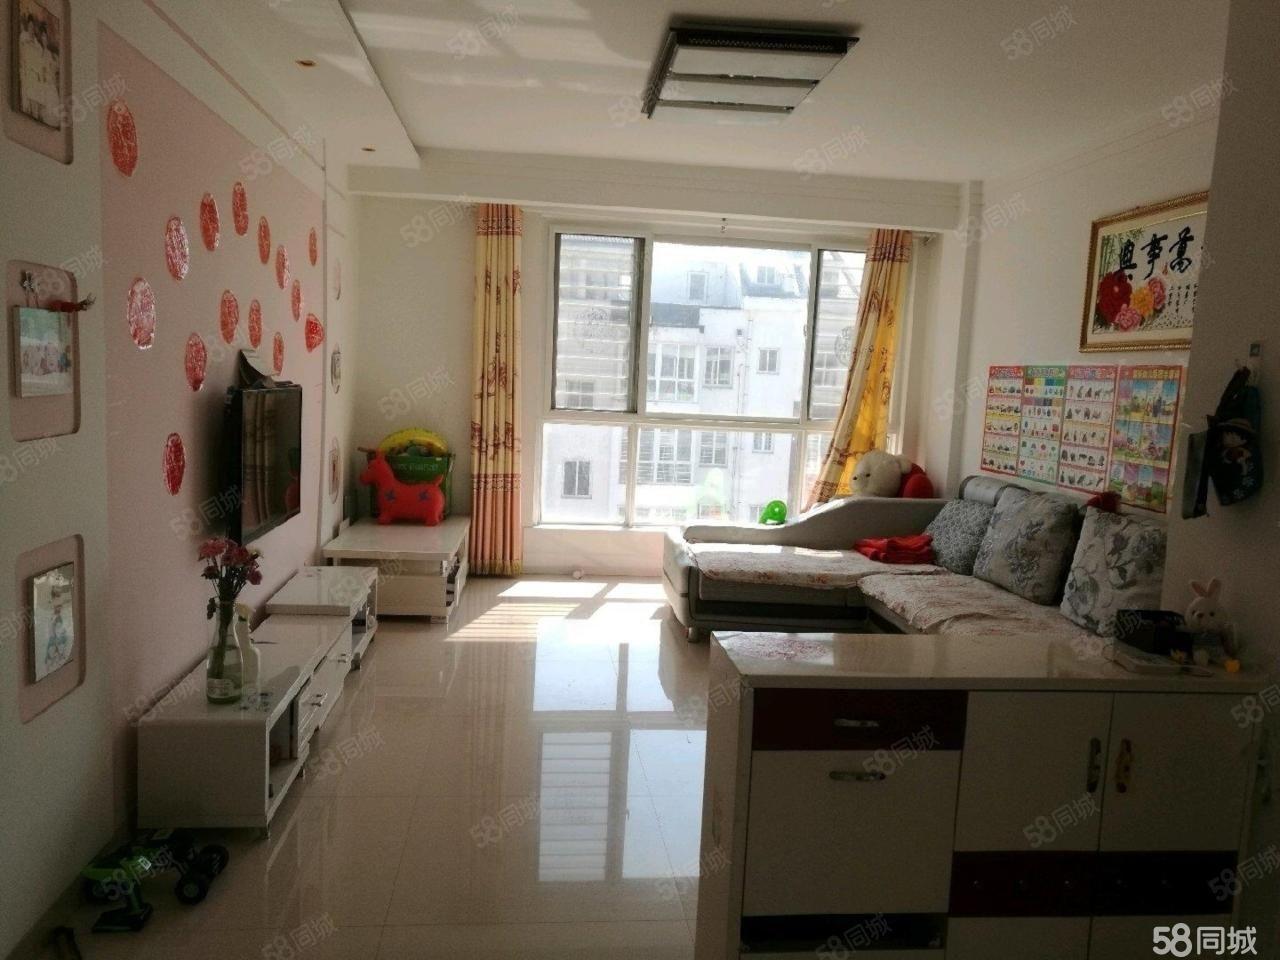 协胜伊和水岸3楼豪华装修对外出租。